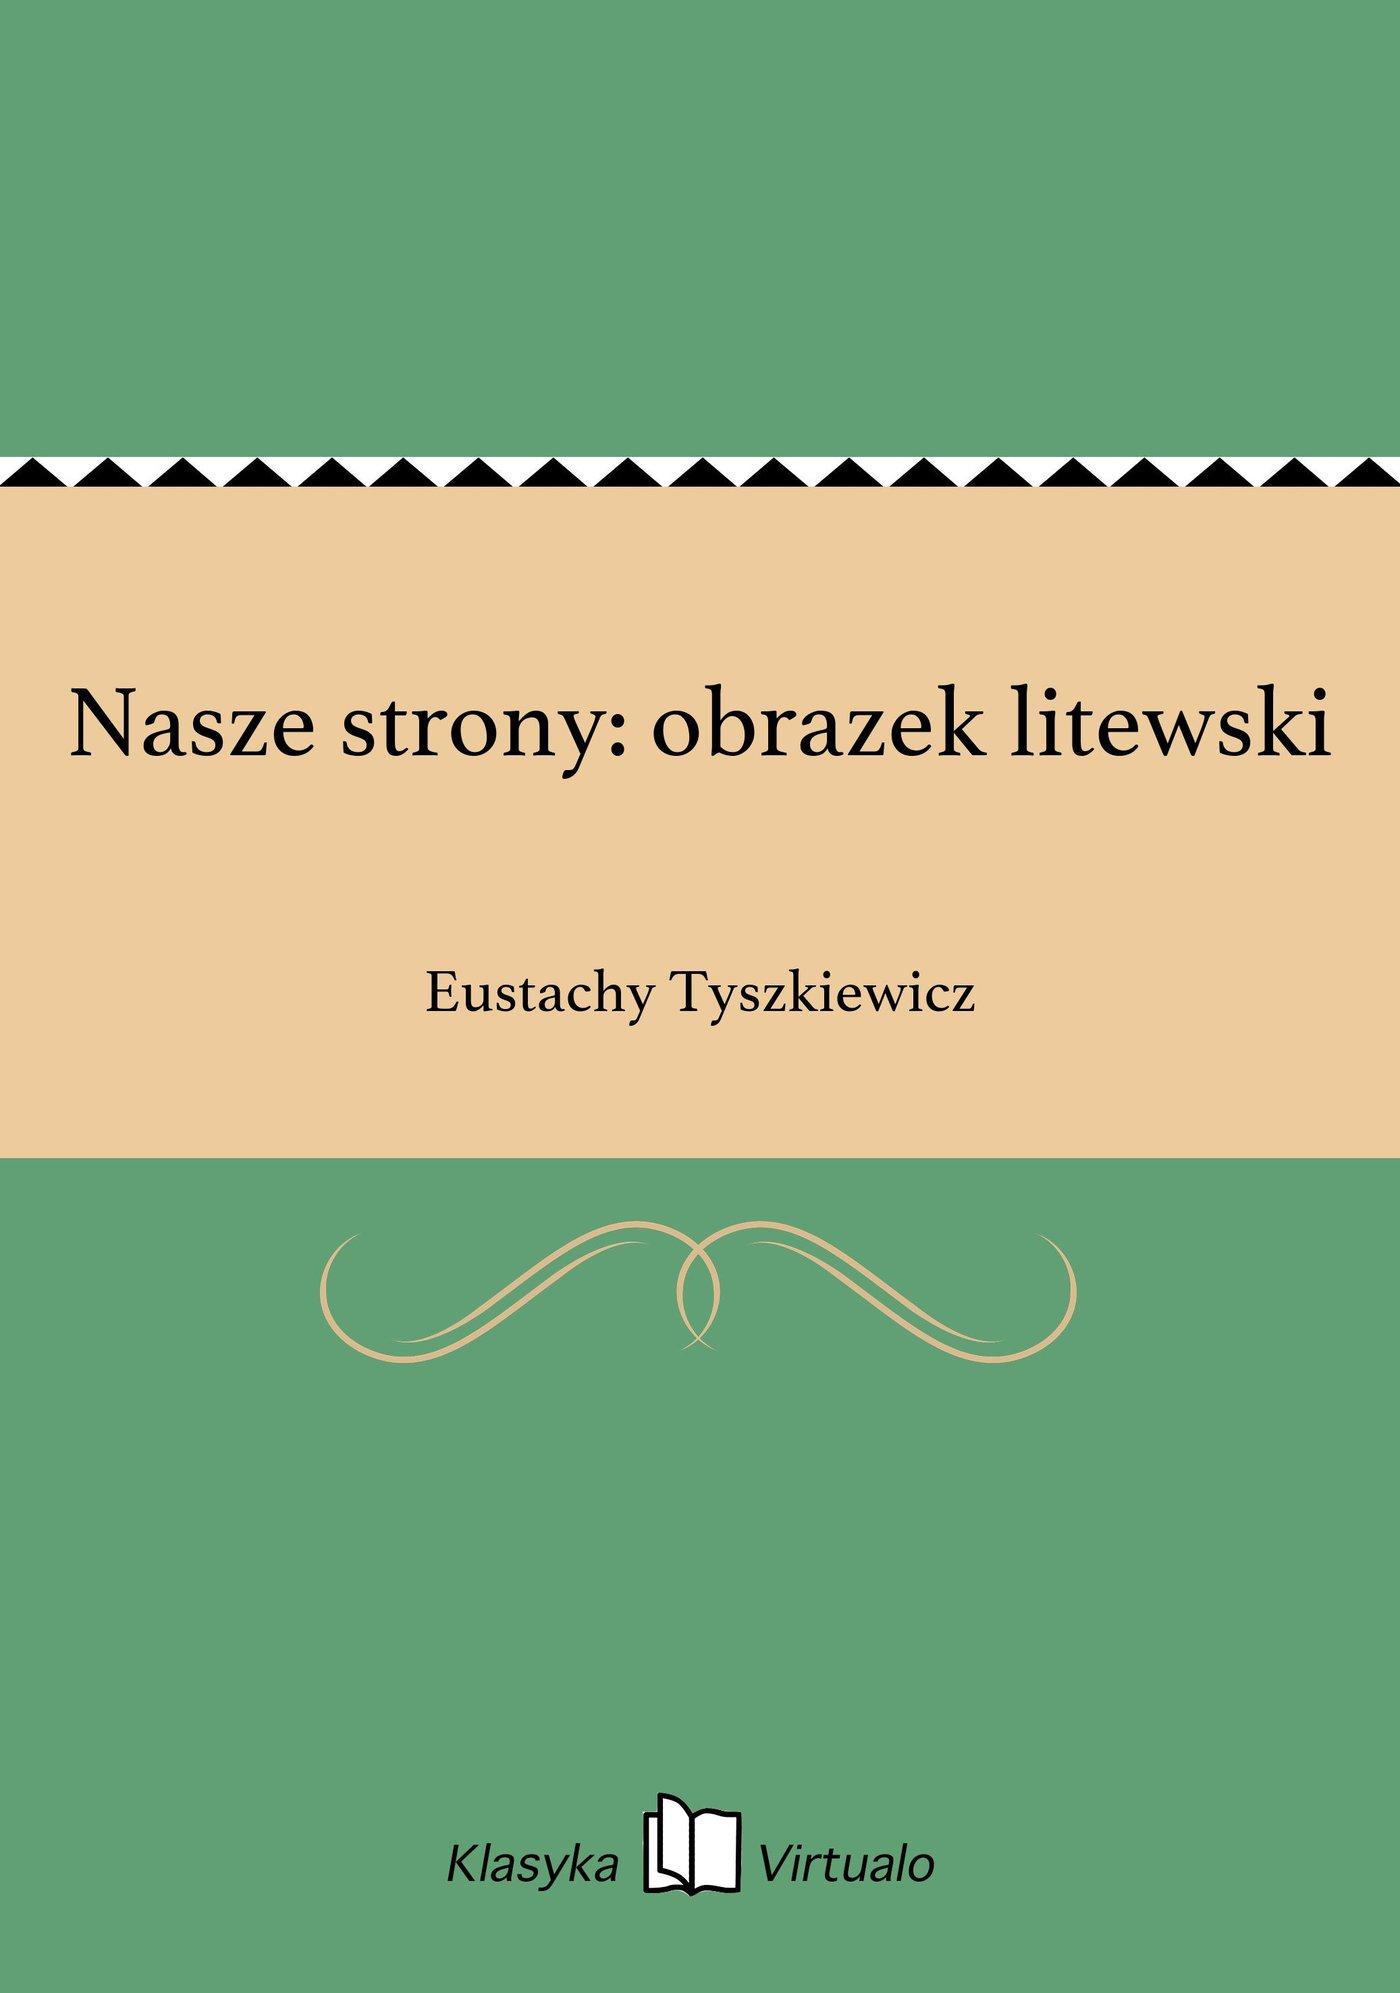 Nasze strony: obrazek litewski - Ebook (Książka EPUB) do pobrania w formacie EPUB